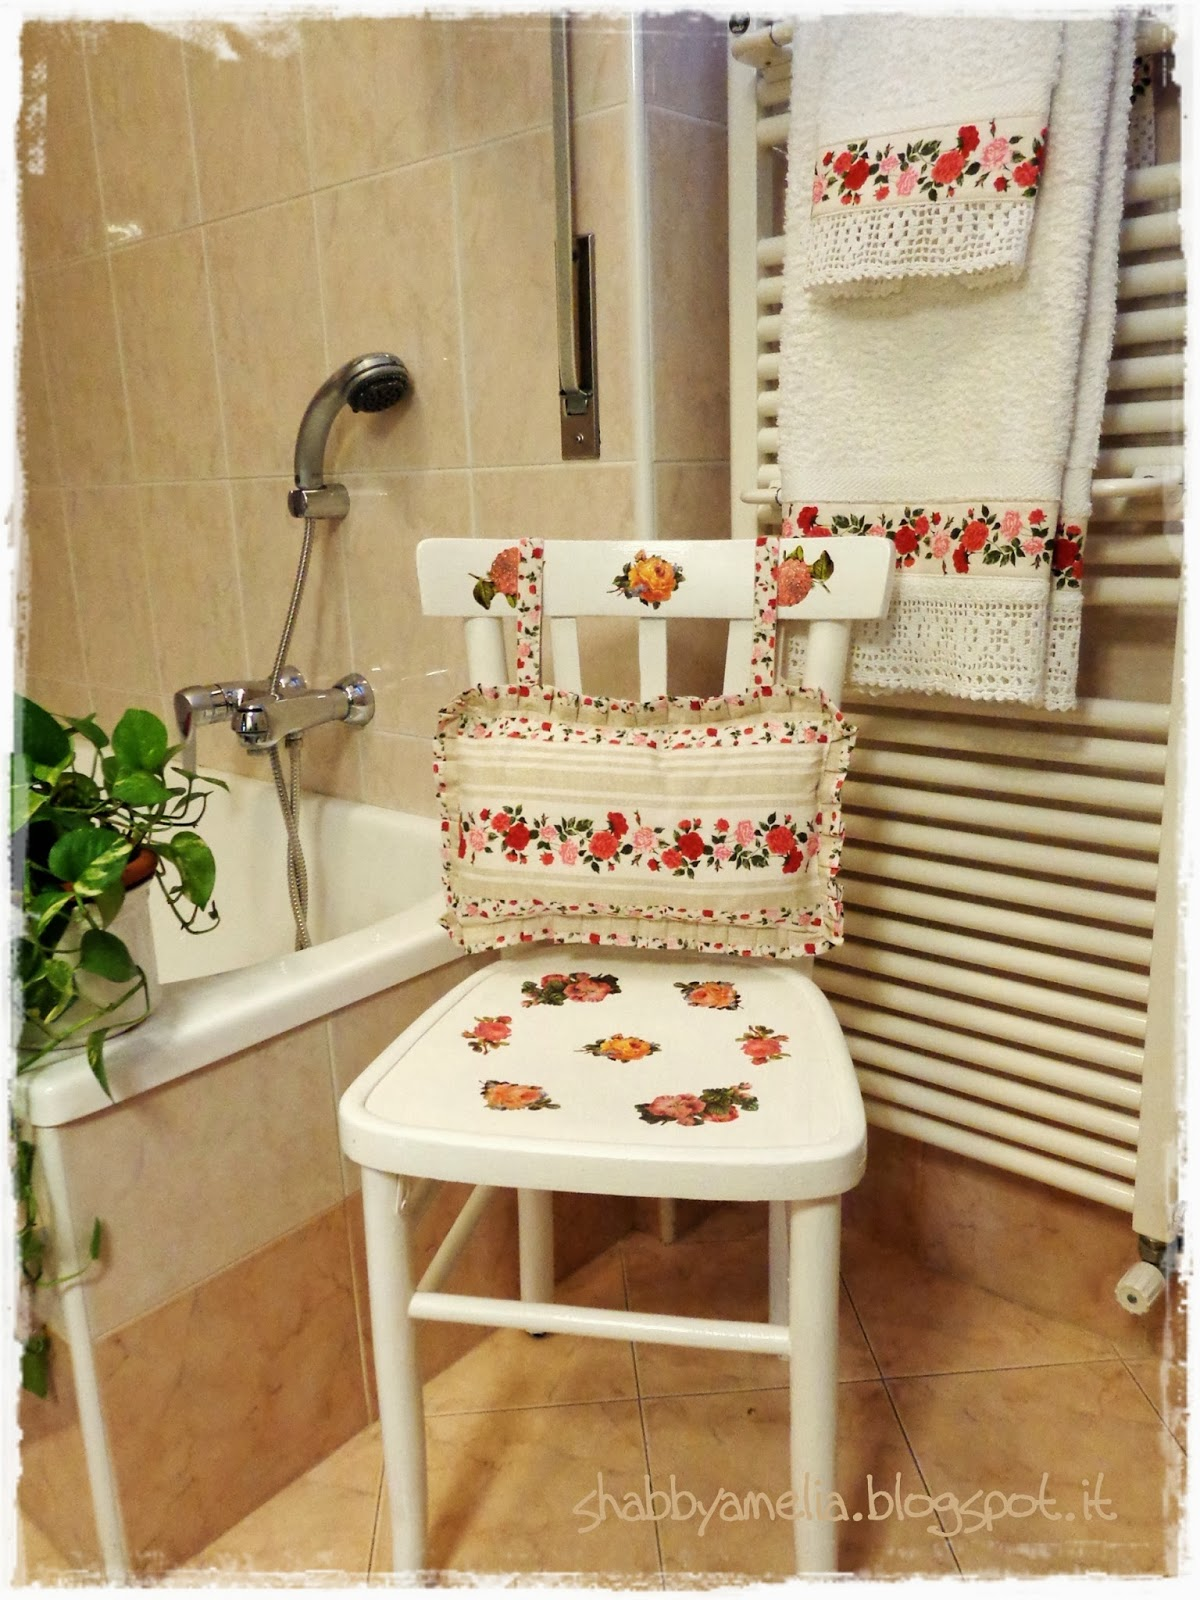 Shabby amelia sedia romantica con asciugamani coordinati e bilancia re fashion - Coordinati cucina country ...